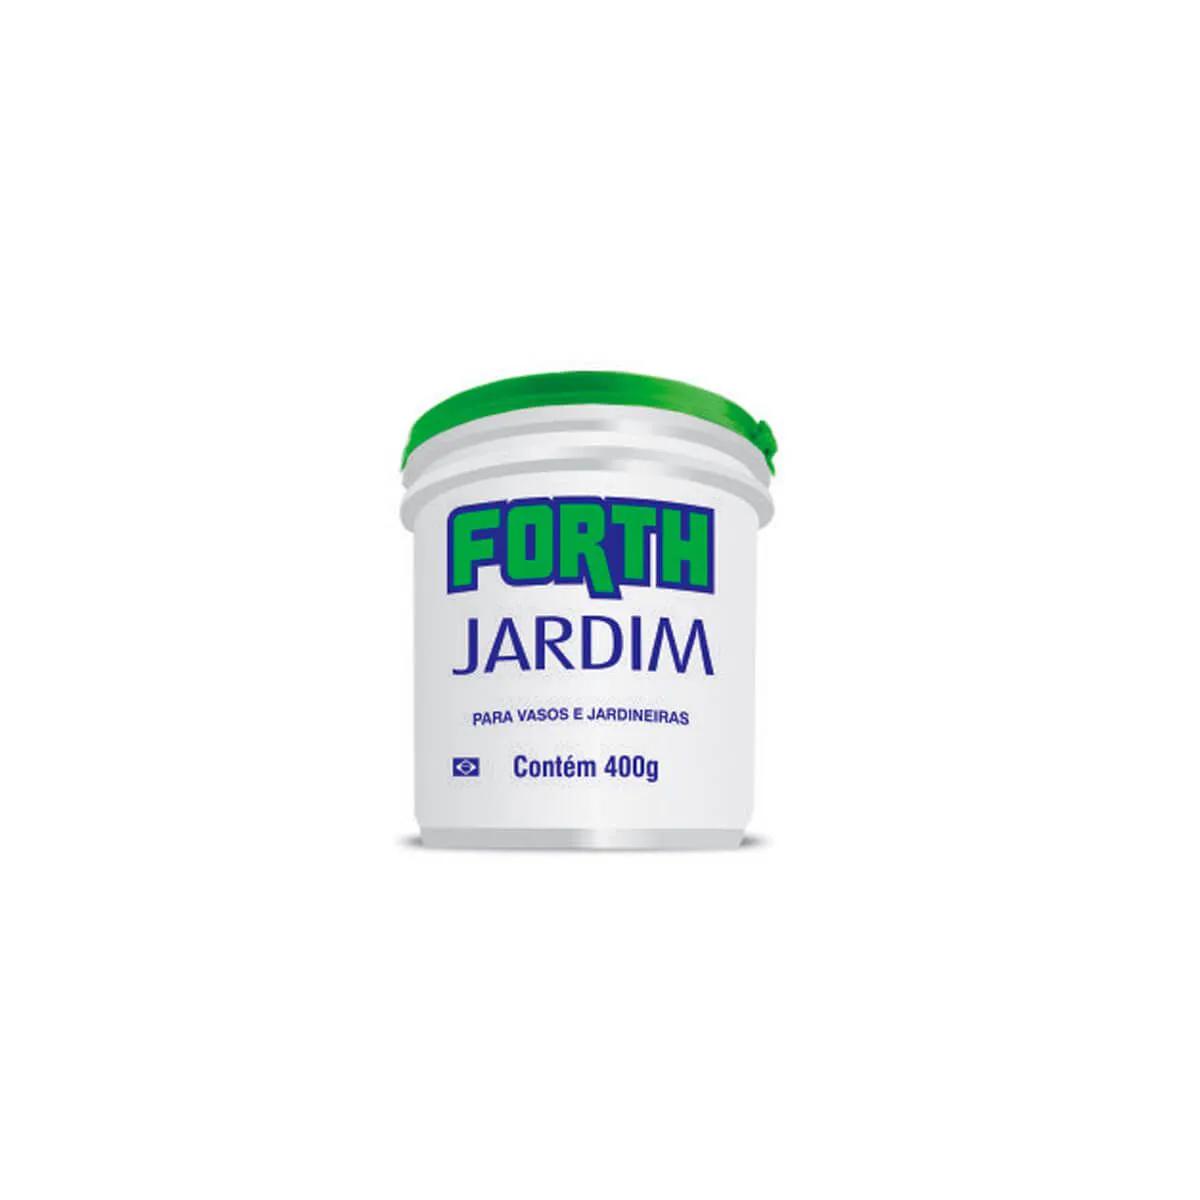 Fertilizante para plantas Forth Jardim 400g  - Vasos Raiz Loja Oficial